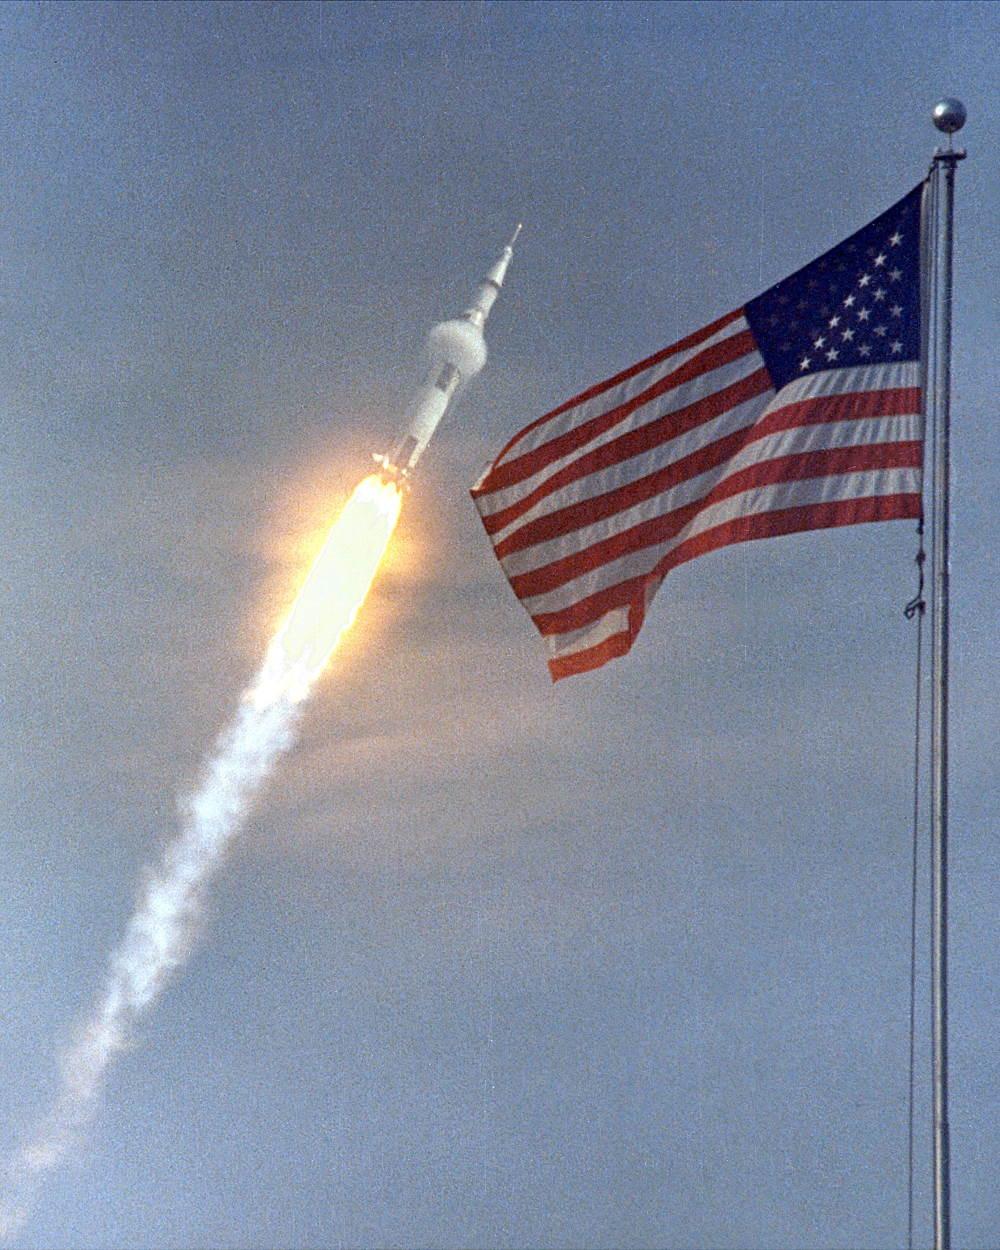 Saturn V chính thức cất cánh vào 16/07/2019, nó tạo ra lực đẩy gần 3.500 tấn, mang theo 3 phi hành gia của sứ mệnh Apollo 11 và nhiều trang thiết bị phục vụ mục đích nghiên cứu khoa học.